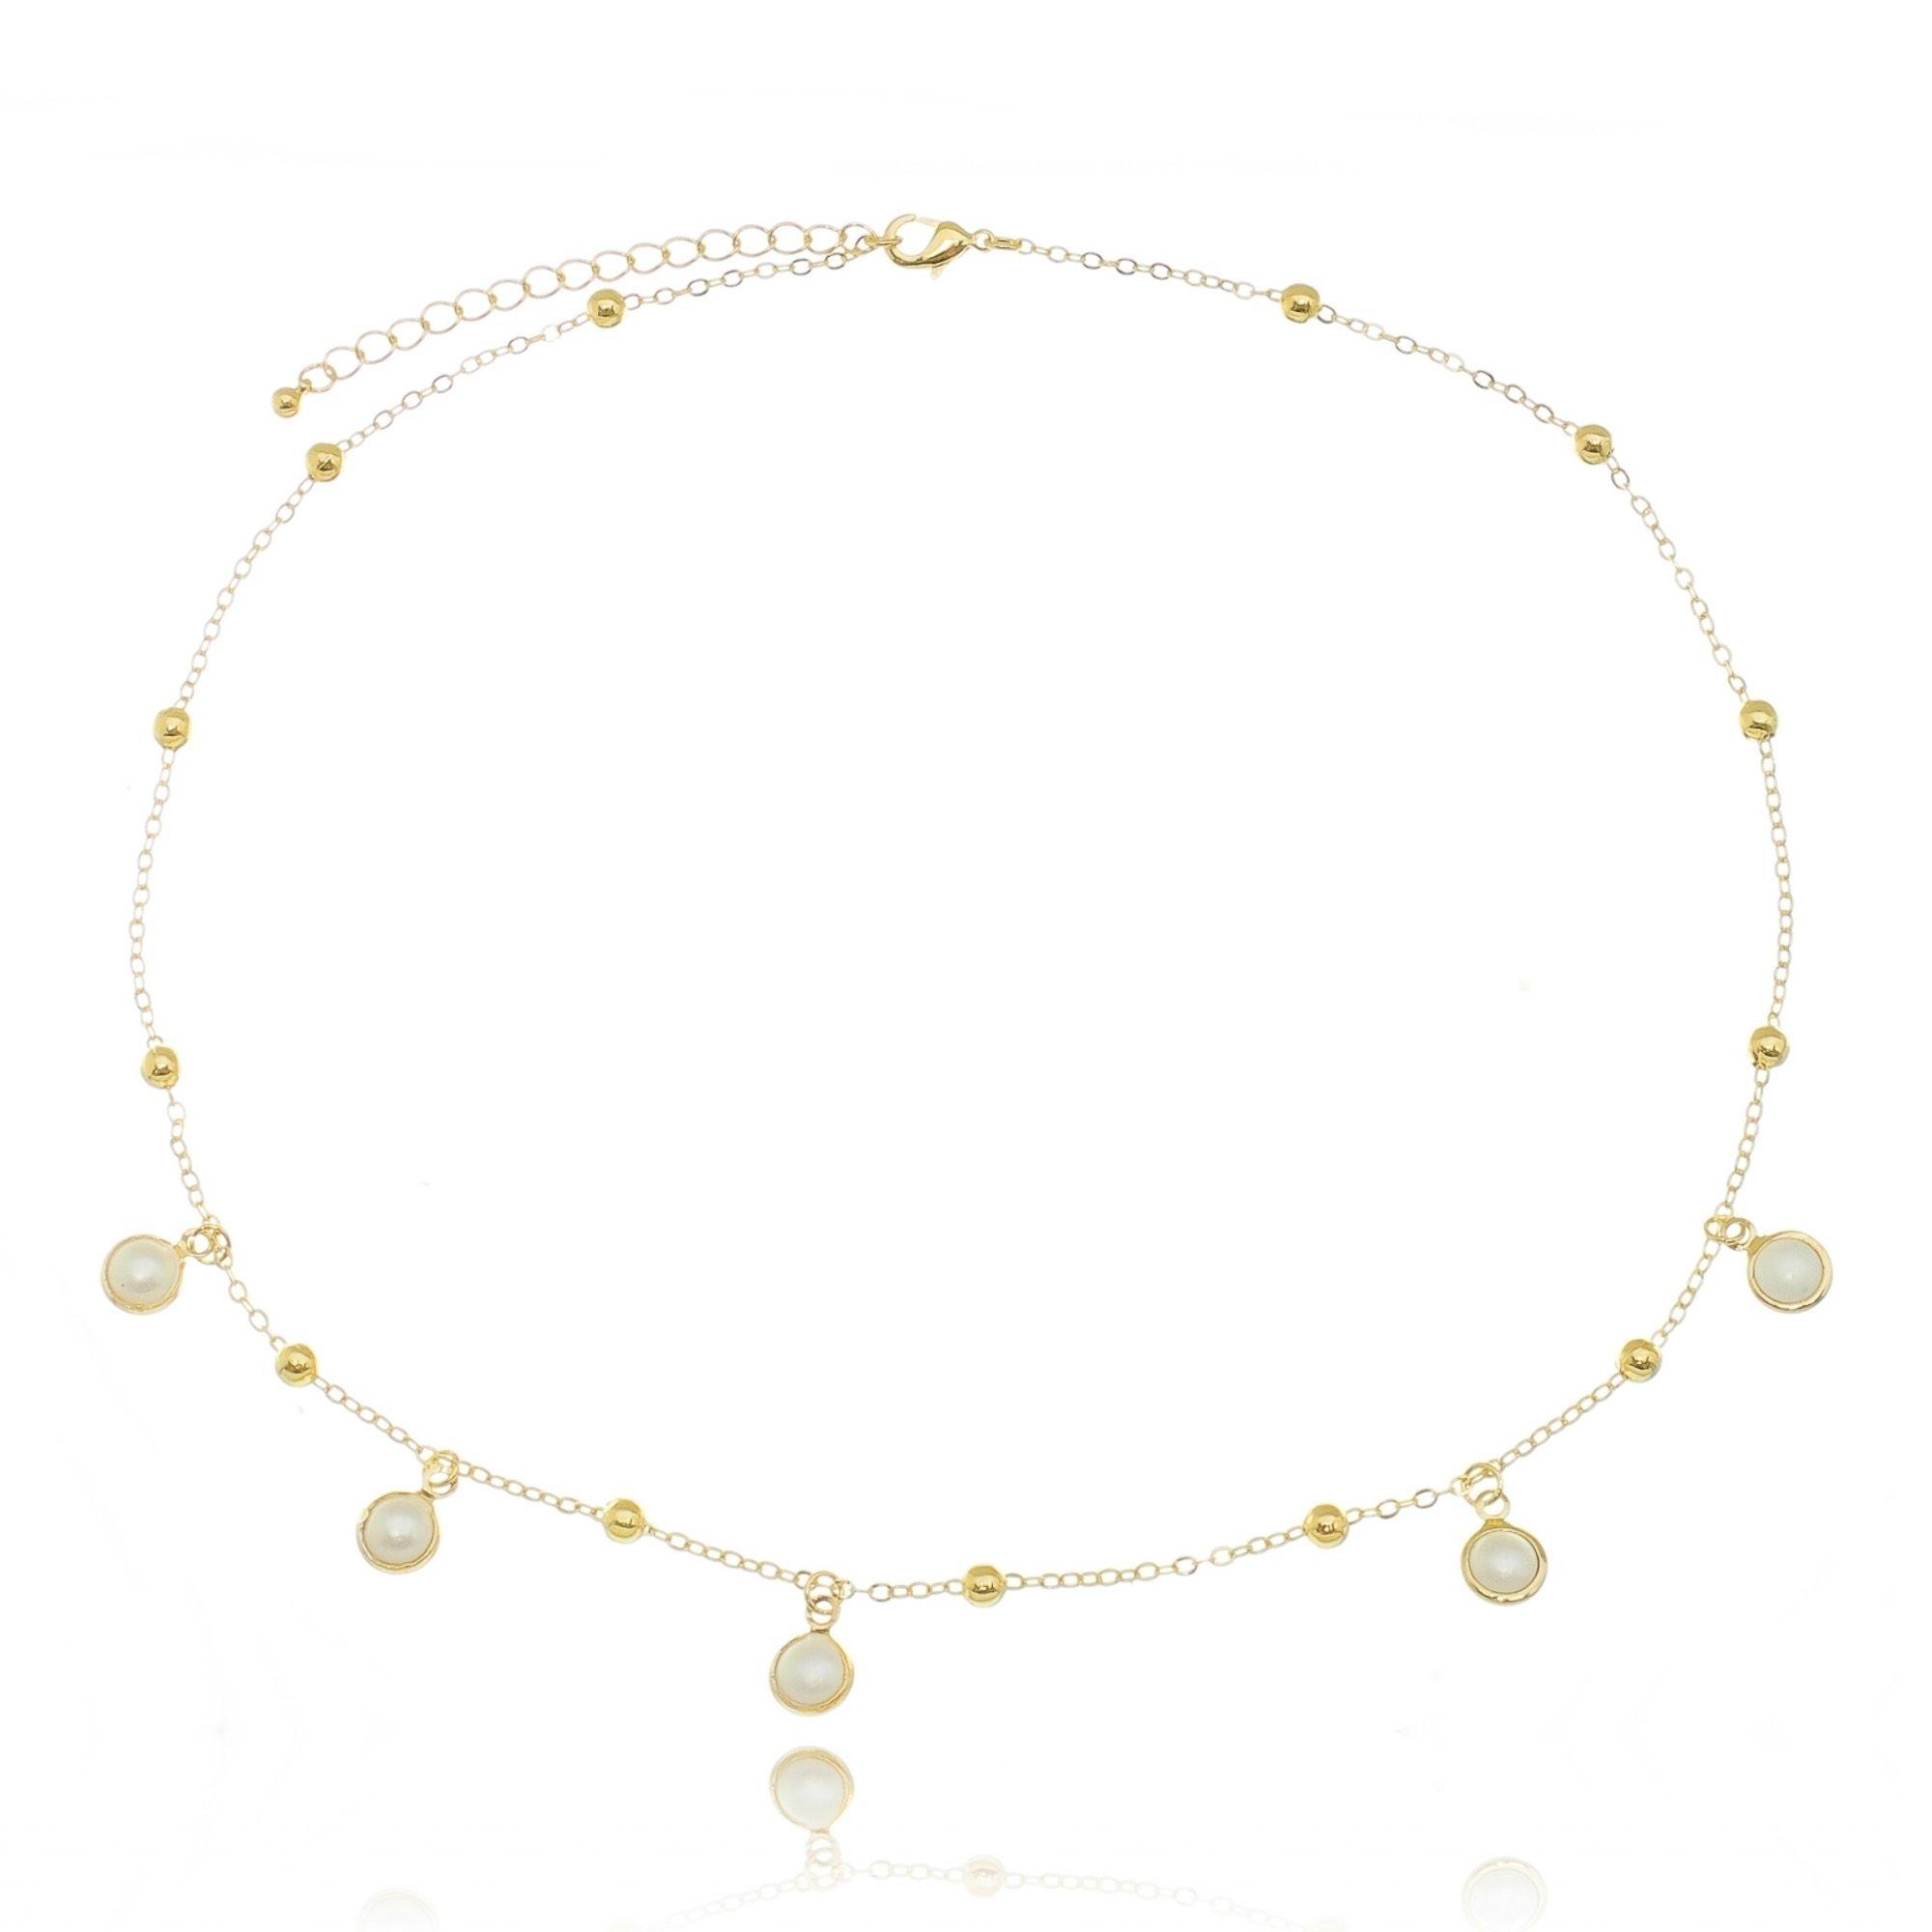 Gargantilha Dourada de Pérolas com Bolinhas Semijoia Fashion em Ouro 18K  - SOLOYOU